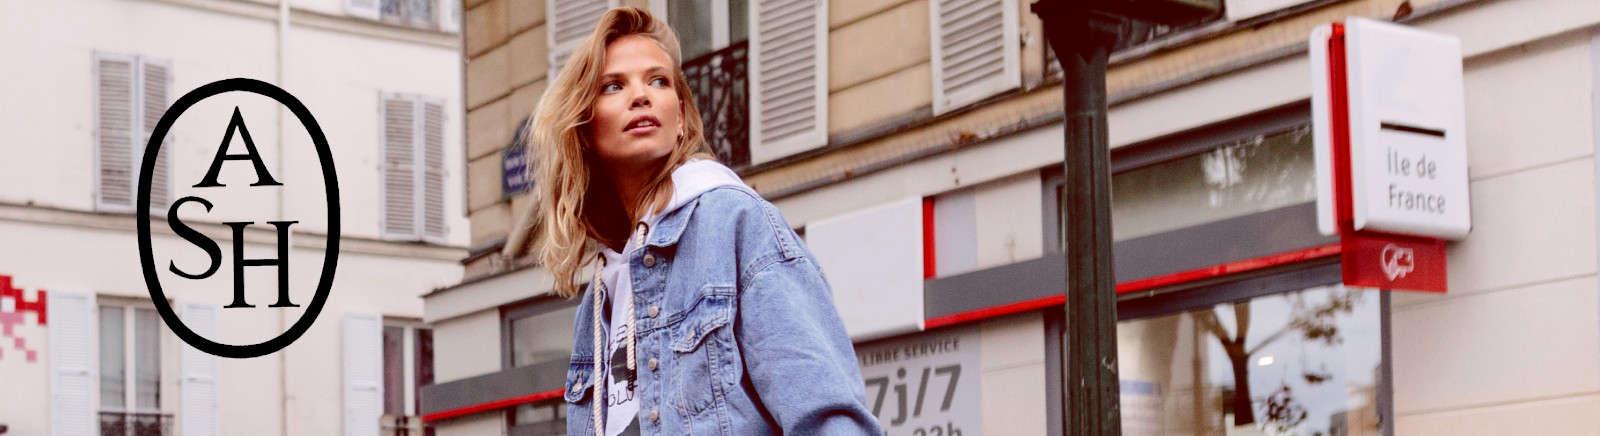 Juppen: ASH High-Top-Sneaker für Damen online shoppen